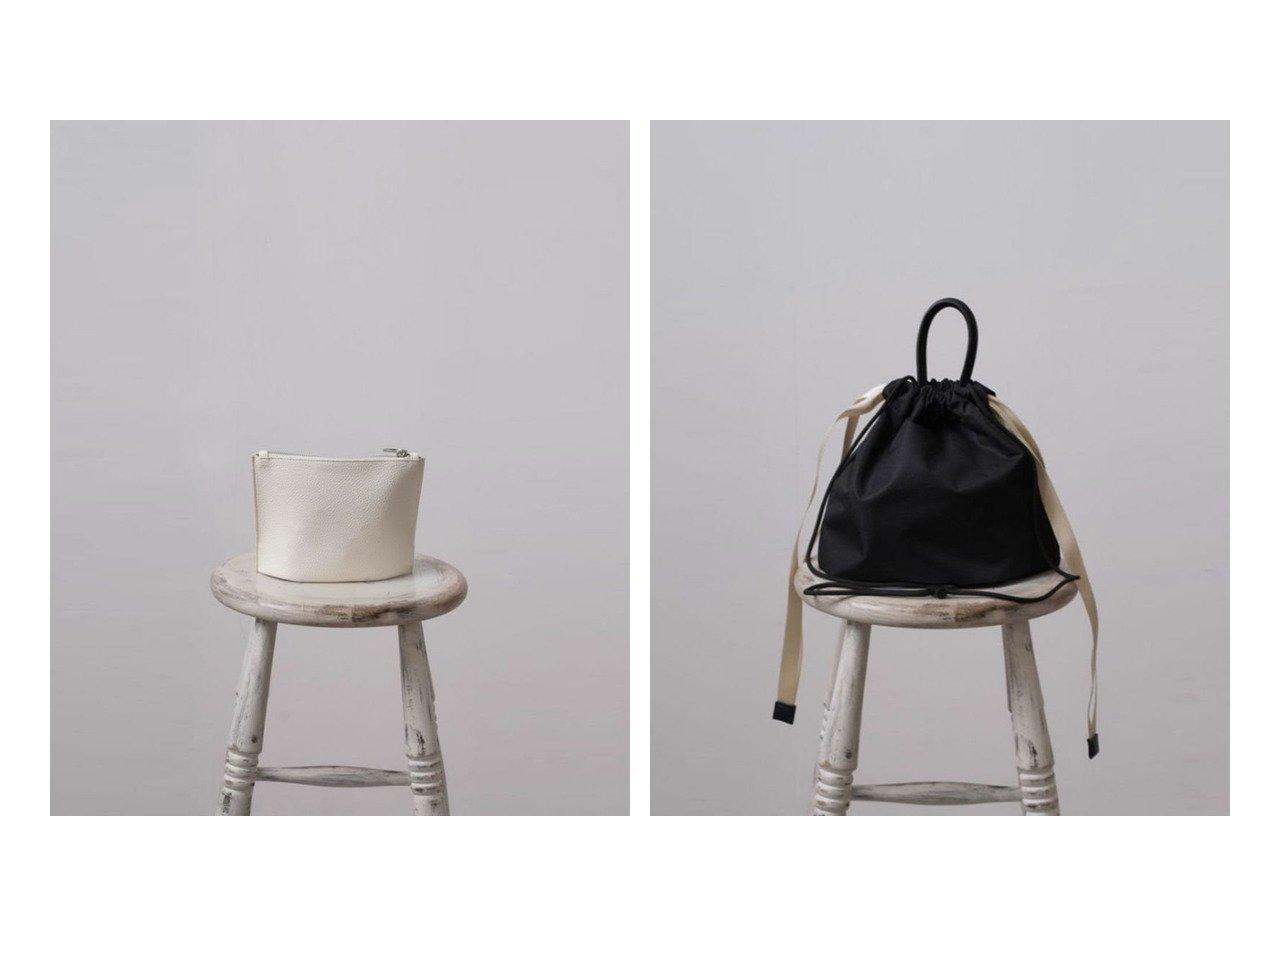 【marjour/マージュール】のラウゴアALK Laugoa ALK&ラウゴアDEN Laugoa DEN おすすめ!人気、トレンド・レディースファッションの通販  おすすめで人気の流行・トレンド、ファッションの通販商品 メンズファッション・キッズファッション・インテリア・家具・レディースファッション・服の通販 founy(ファニー) https://founy.com/ ファッション Fashion レディースファッション WOMEN ショルダー トレンド ドローストリング ボトム 定番 Standard |ID:crp329100000029024